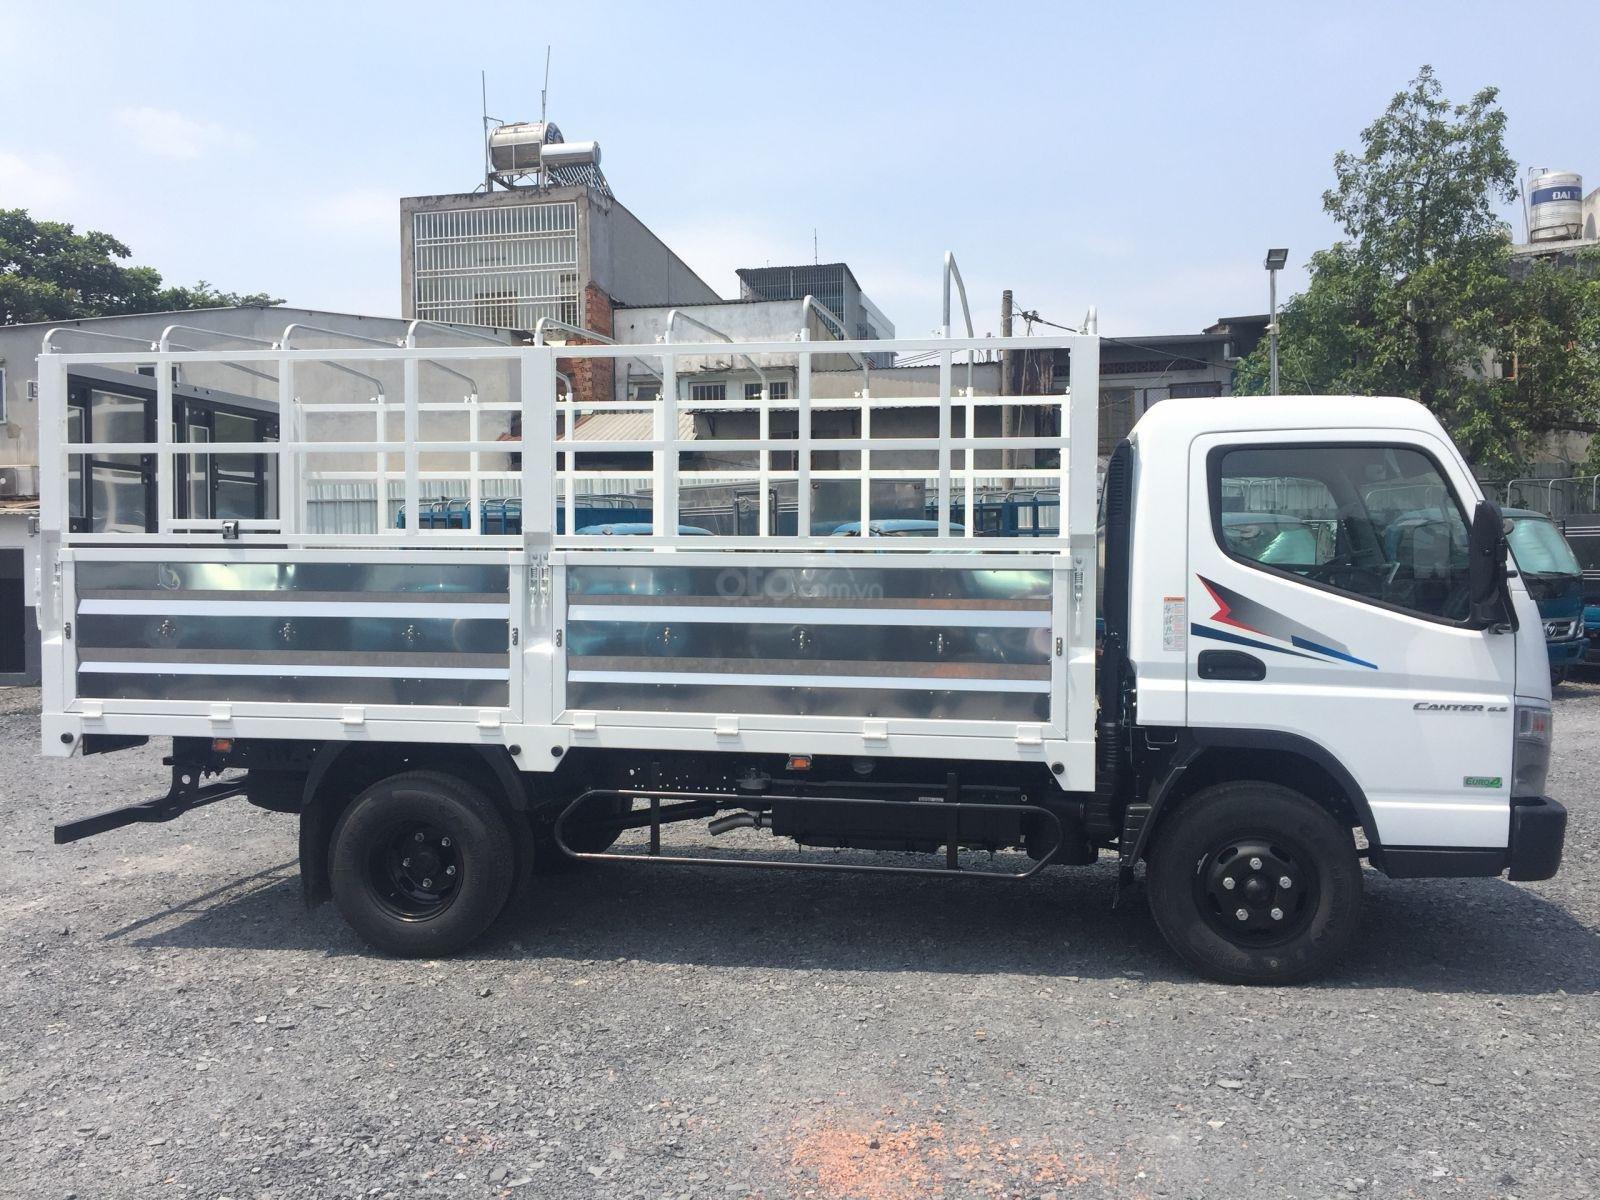 Bán xe tải nhập khẩu Mitsubishi Canter 6.5 tải 3.4 tấn, thùng dài 4.3m, hỗ trợ trả góp 80% (8)